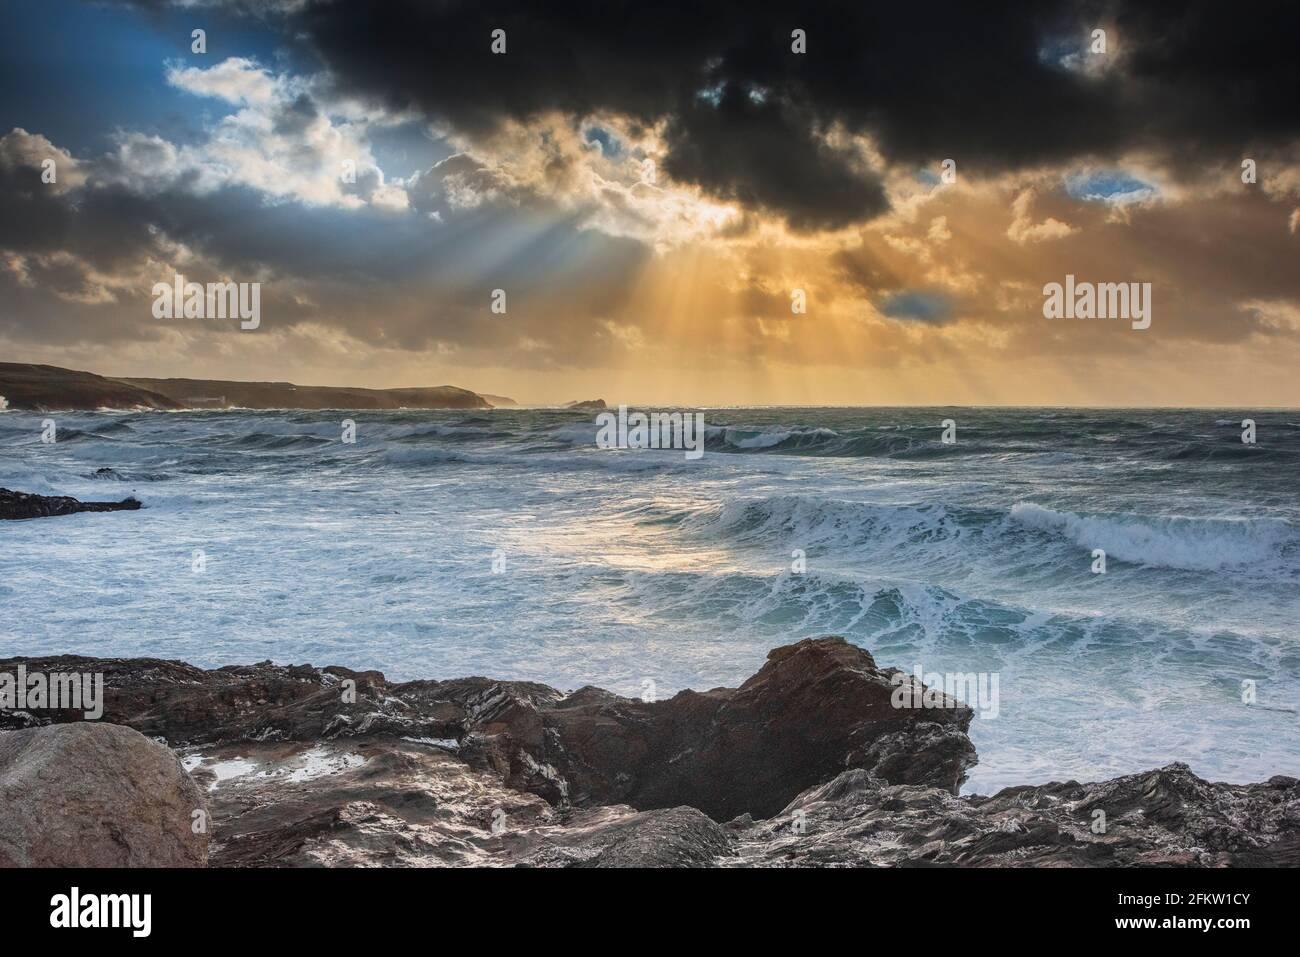 Rayons crépusculaires du soleil couchant sur la baie de Fistral à Newquay, en Cornouailles. Banque D'Images